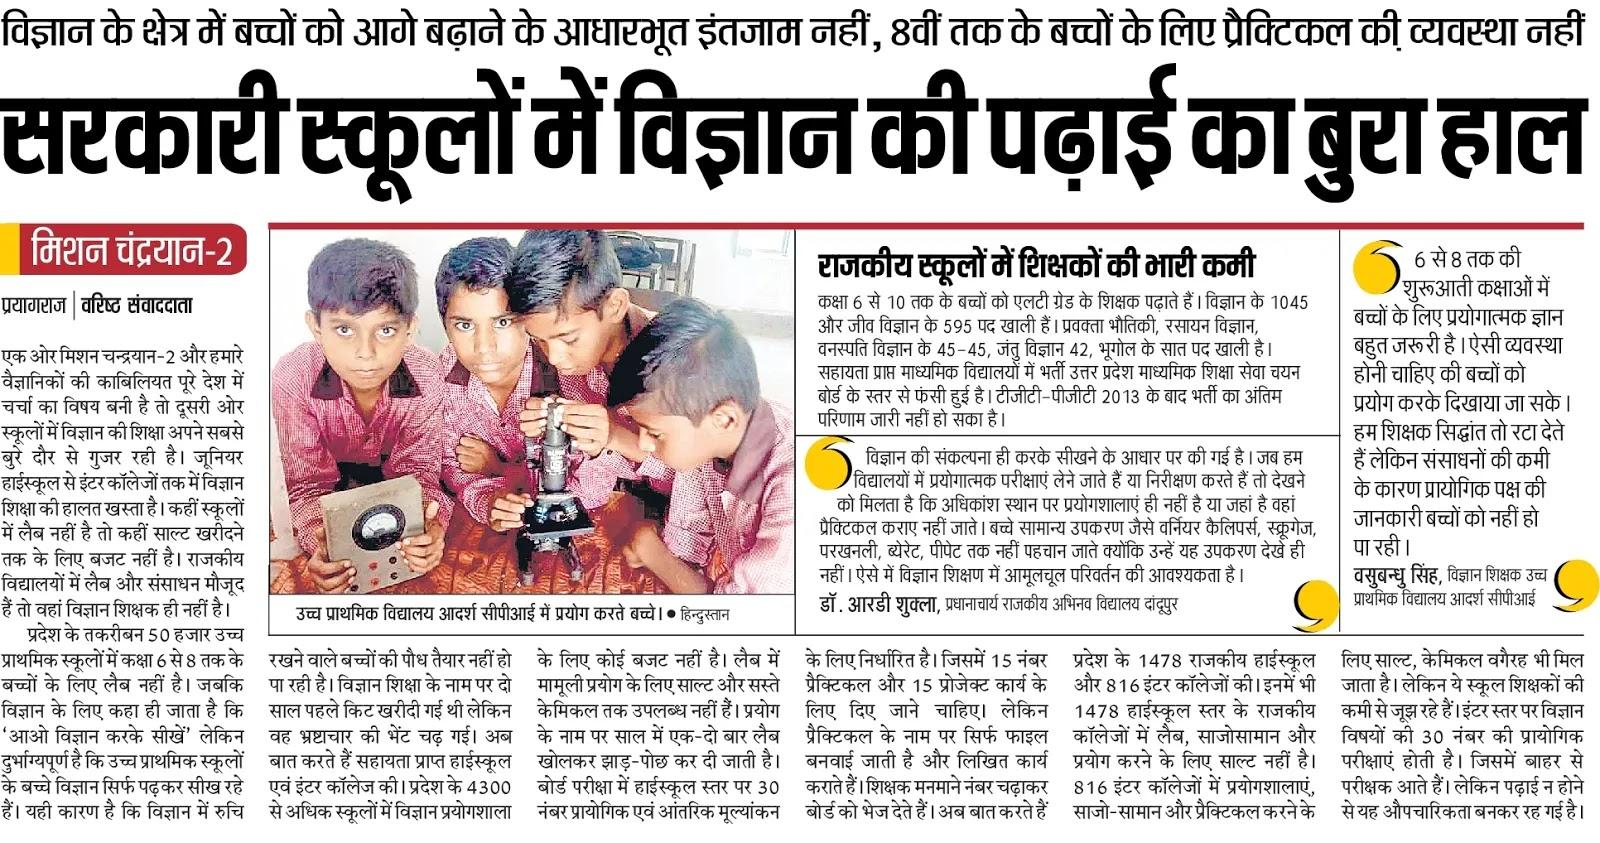 योगी राज में सरकारी स्कूलों में science education की पढ़ाई का बुरा हाल, 8वीं तक के बच्चों के लिए practical की व्यवस्था नहीं